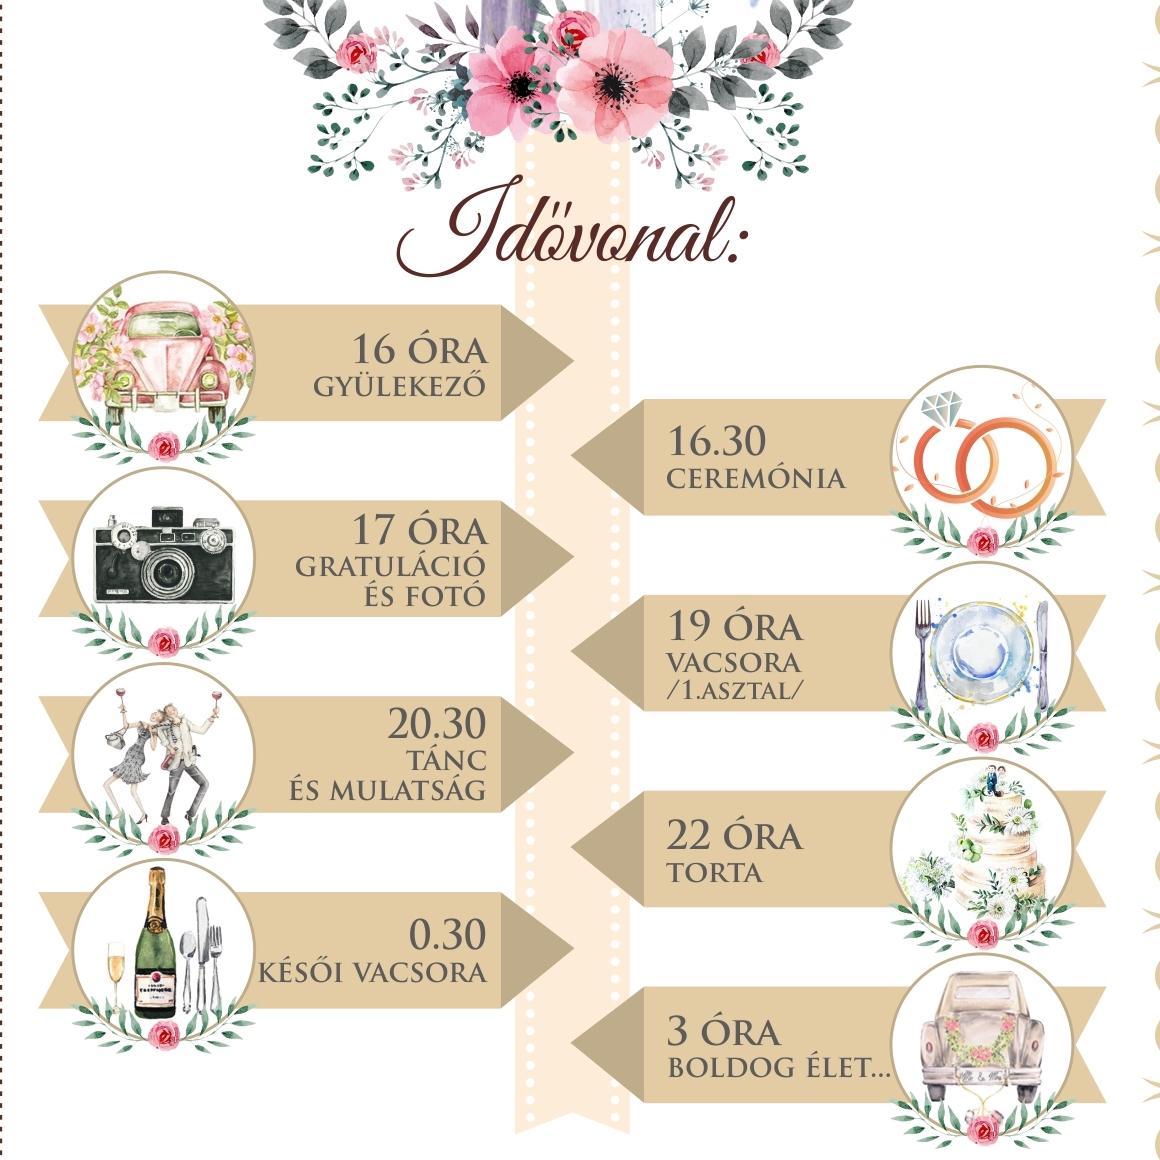 esküvői forgatókönyv